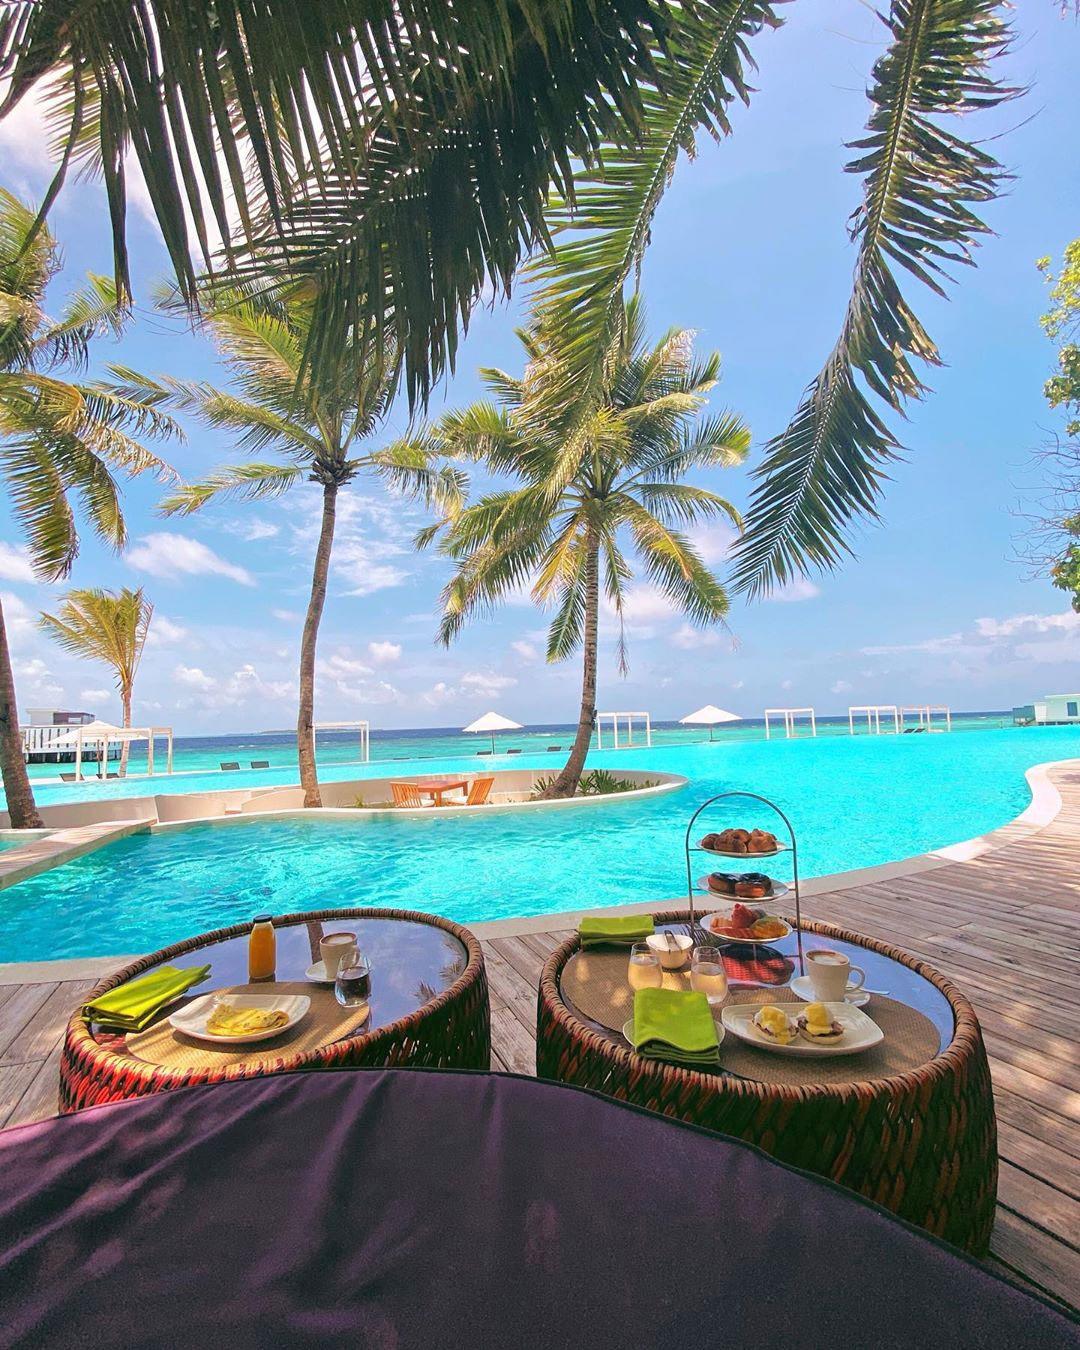 Amilla Maldives Resort & Residences лучший отель на Мальдивах где отдыхал Ди Каприо